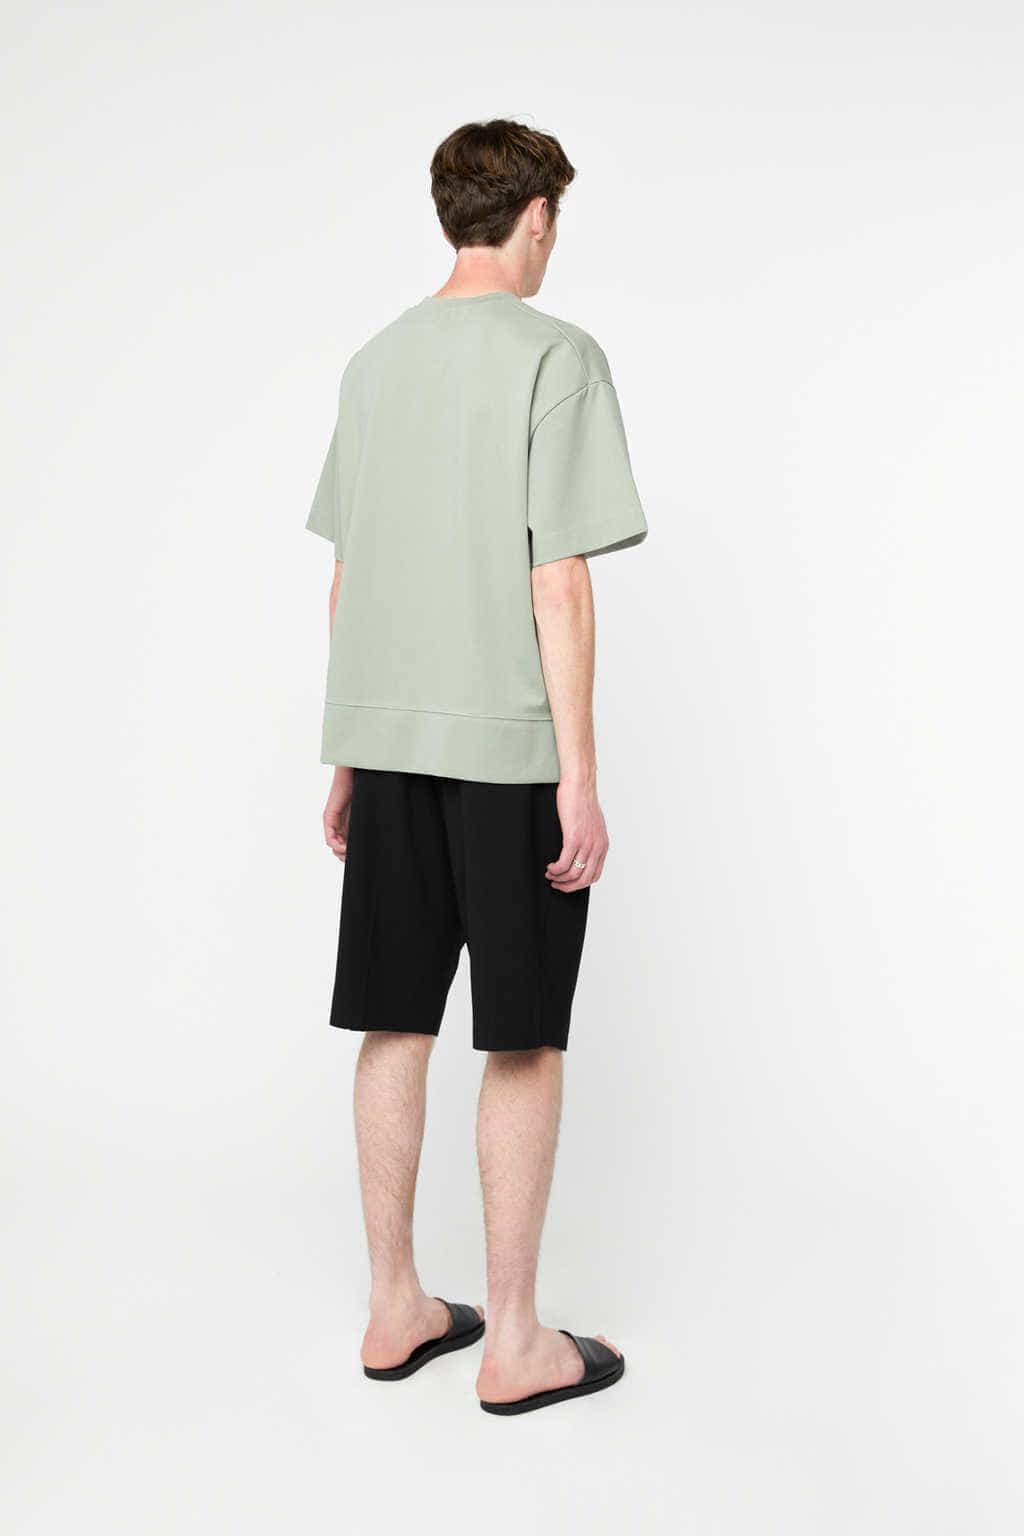 TShirt K007M Green 16